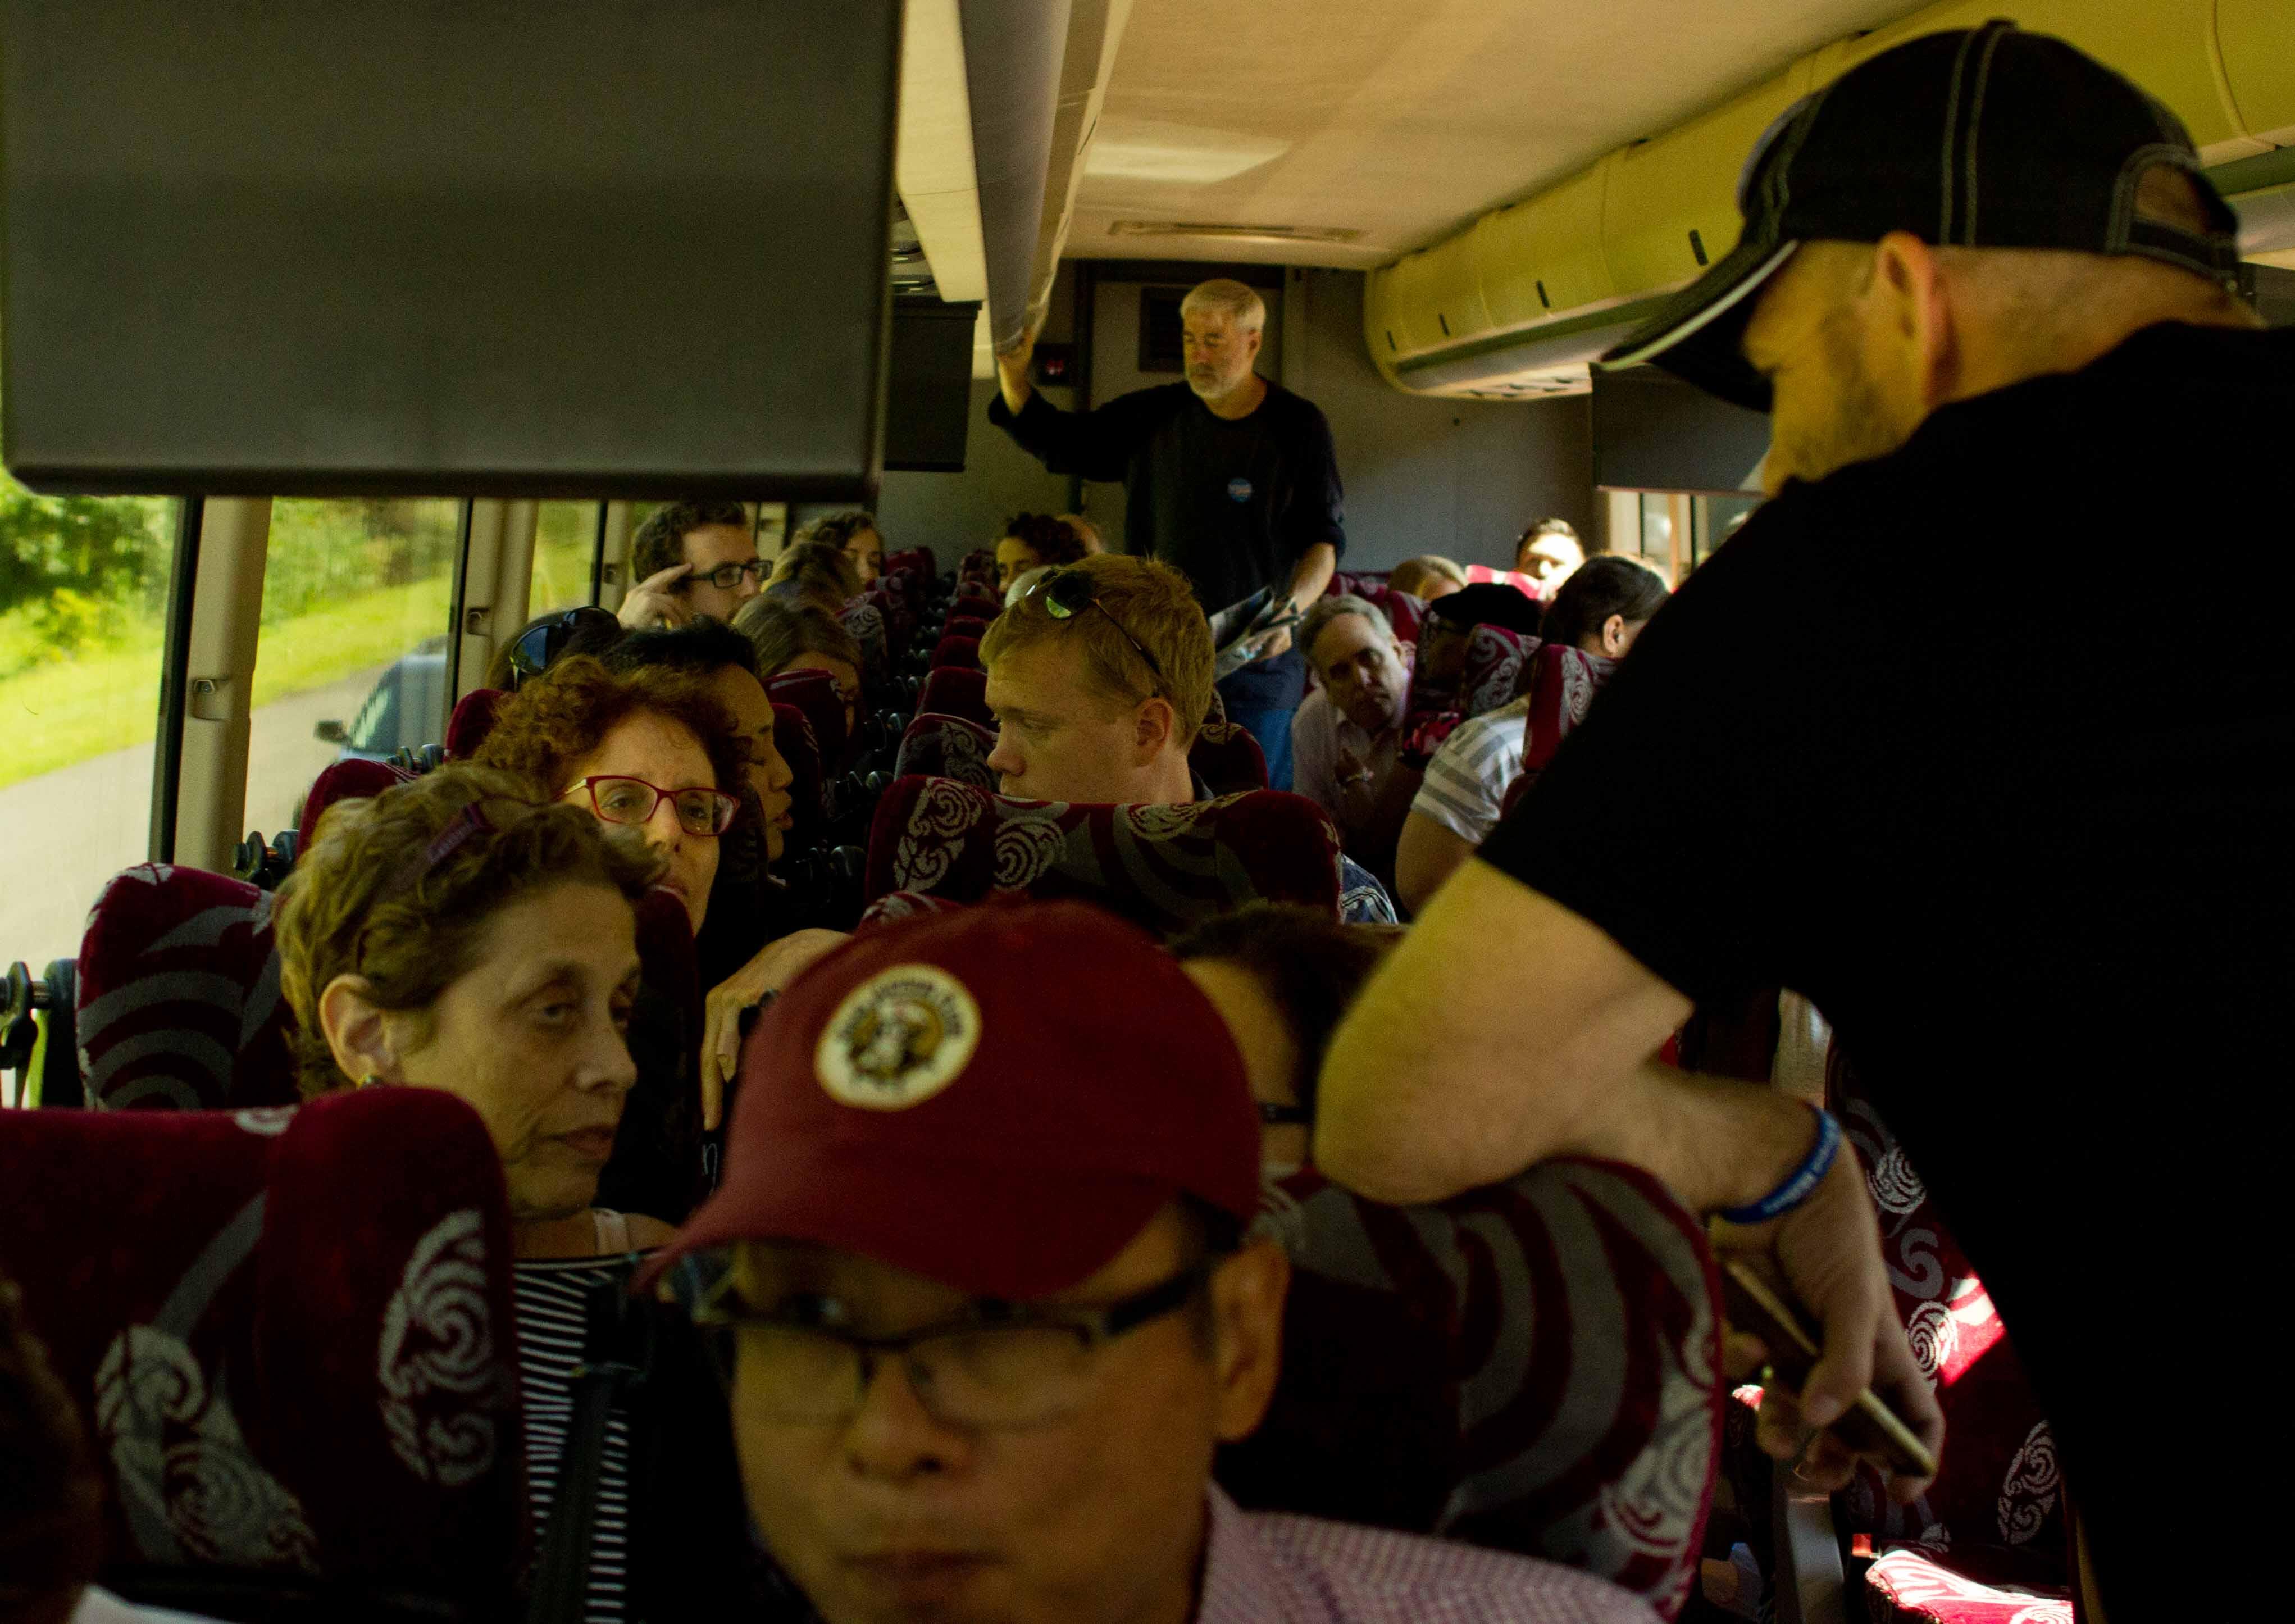 Volunteers on a bus